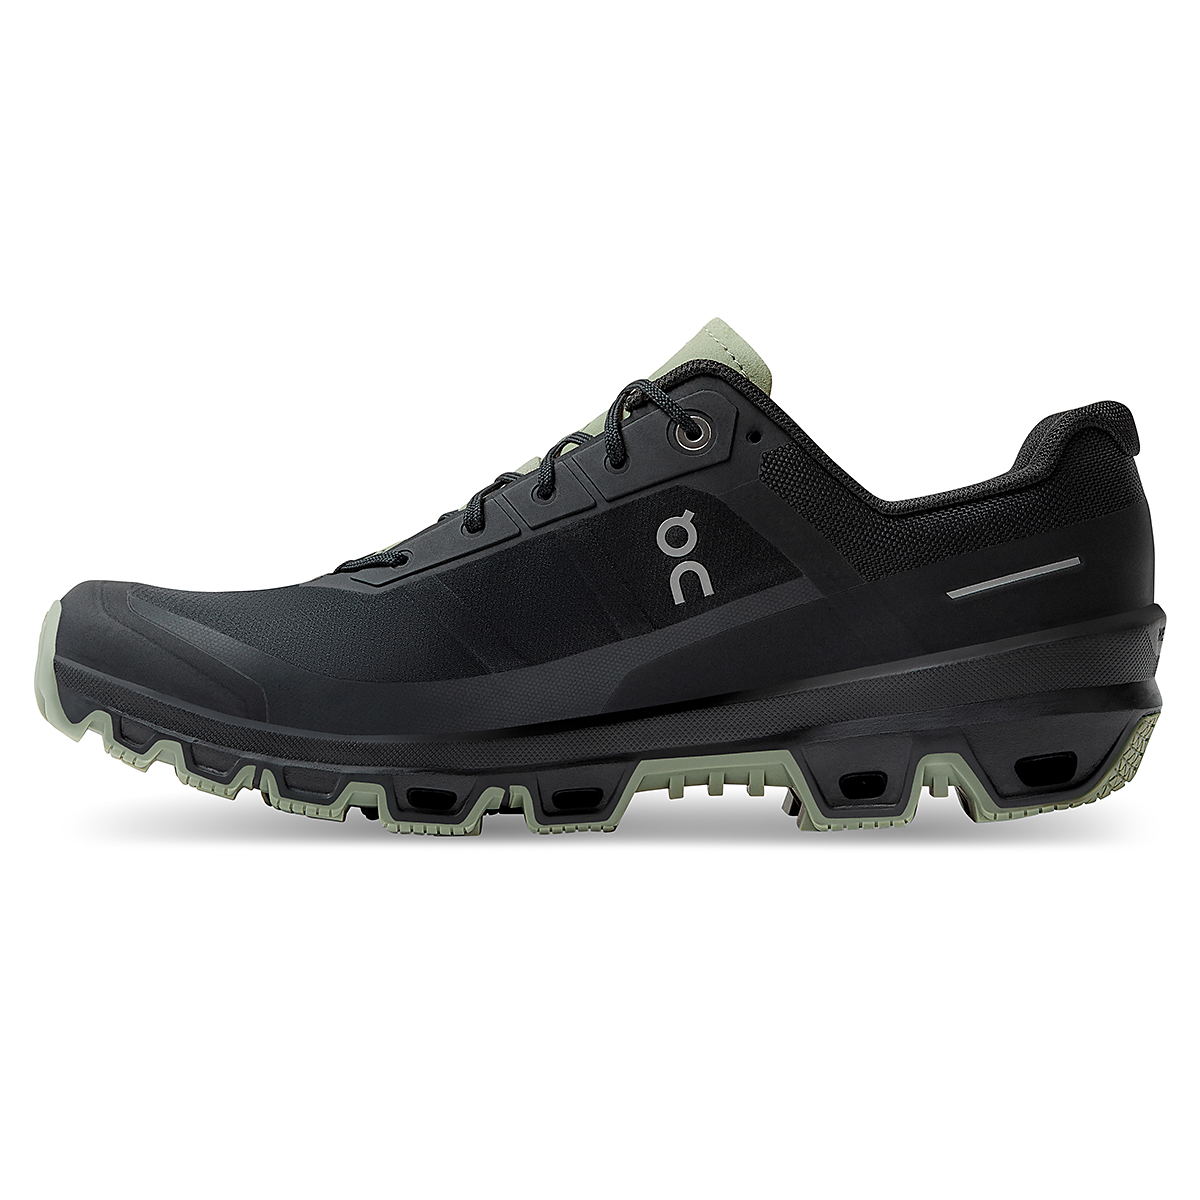 Men's On Cloudventure Running Shoe - Color: Black/Reseda - Size: 7 - Width: Regular, Black/Reseda, large, image 2